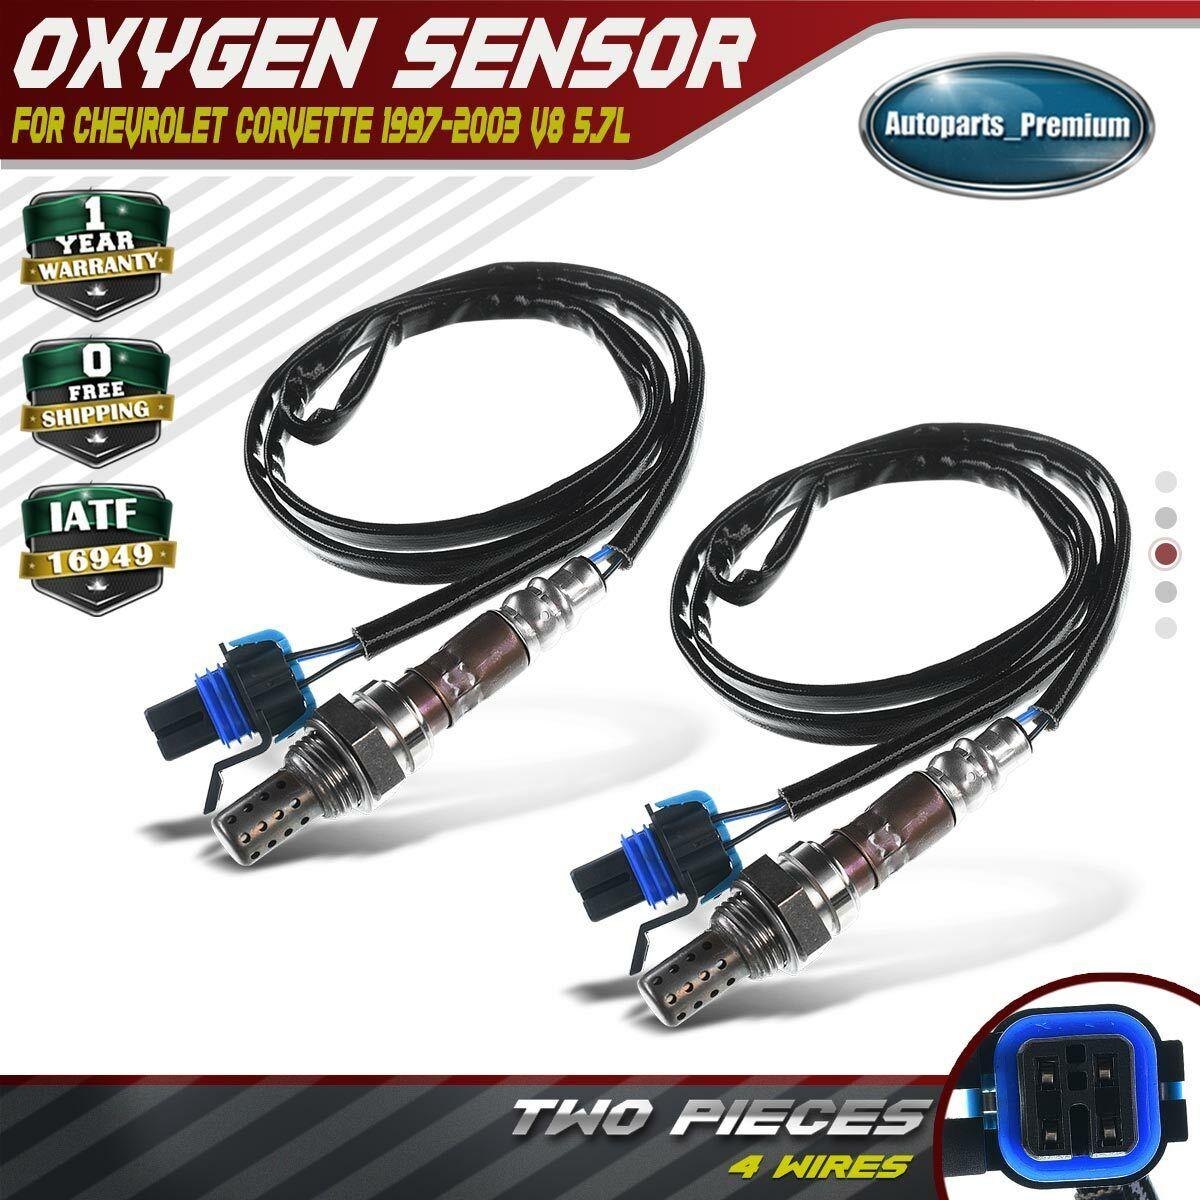 4x 02 O2 Oxygen Sensors for Chevrolet Corvette 1997-2003 V8 5.7L Up /& Downstream